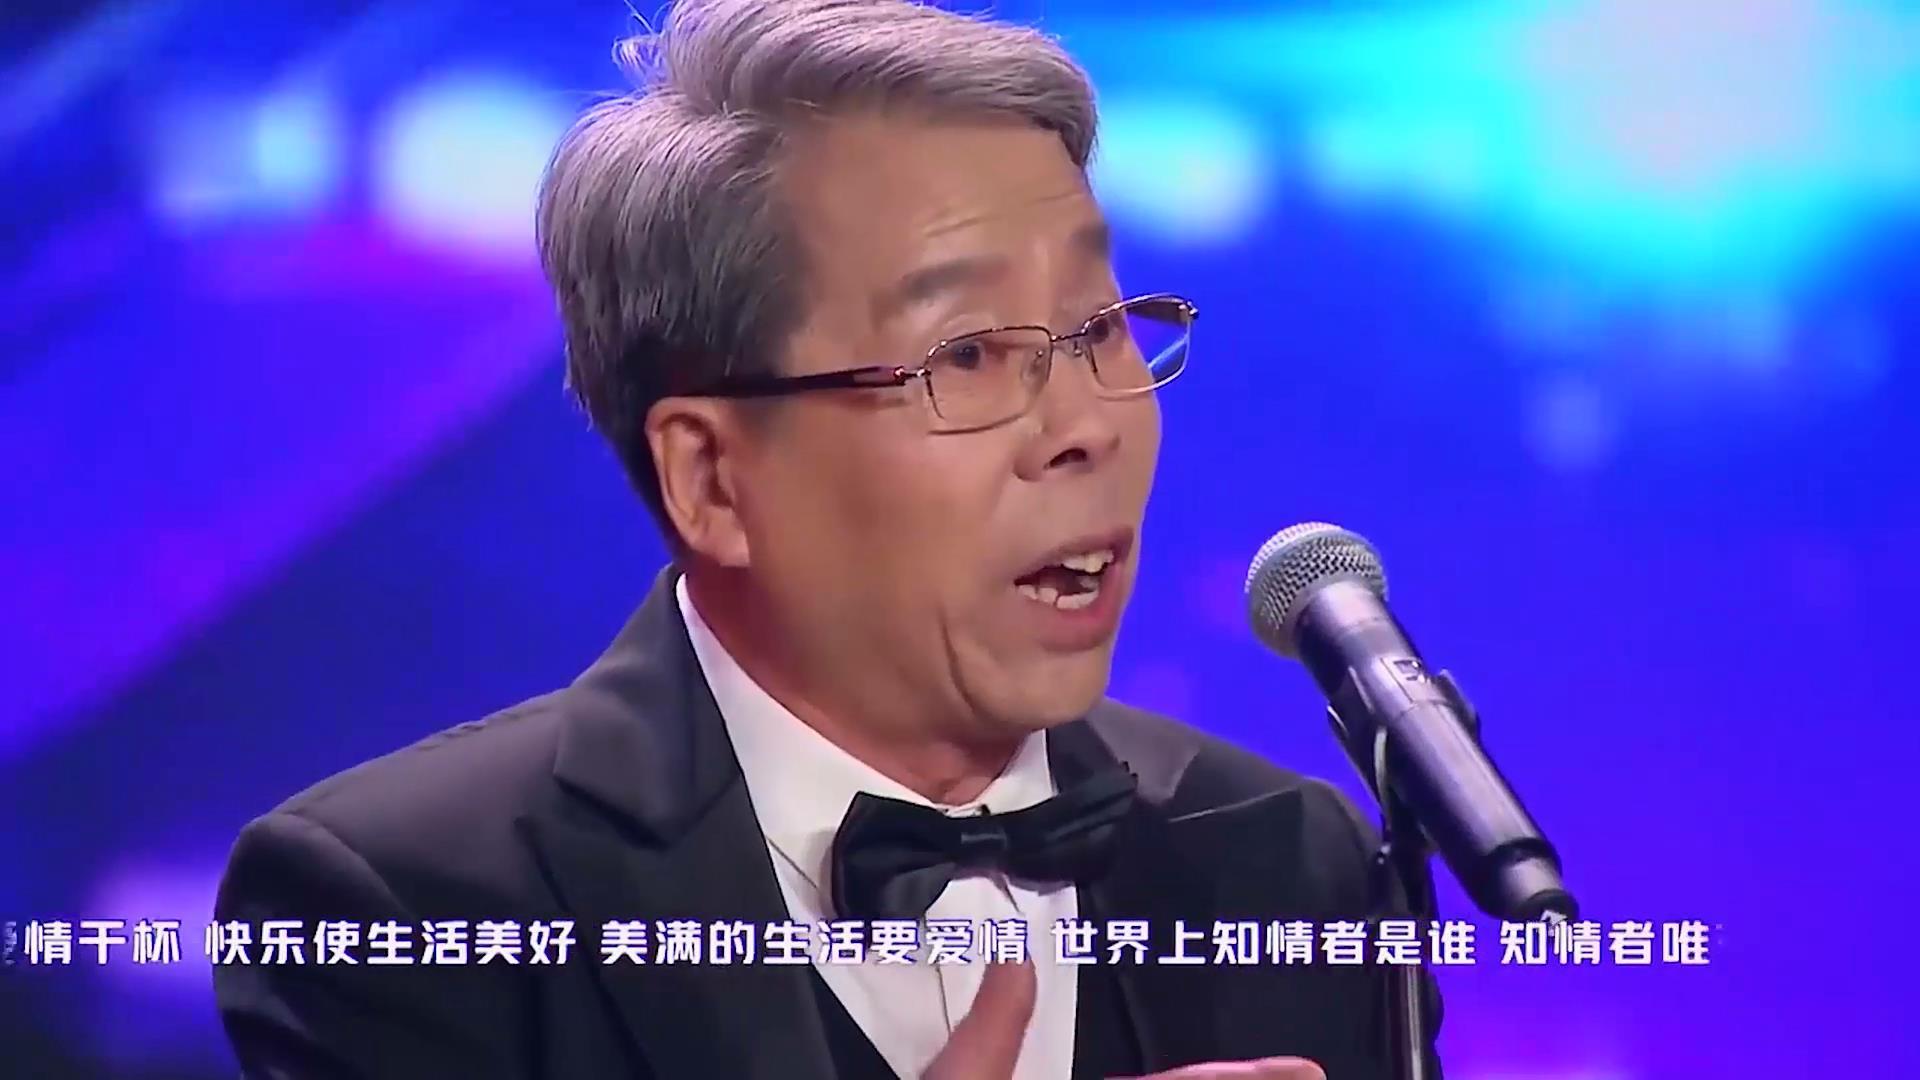 中国达人秀:爷爷都83了,唱起歌来还铿锵有力,比年轻人气都足!